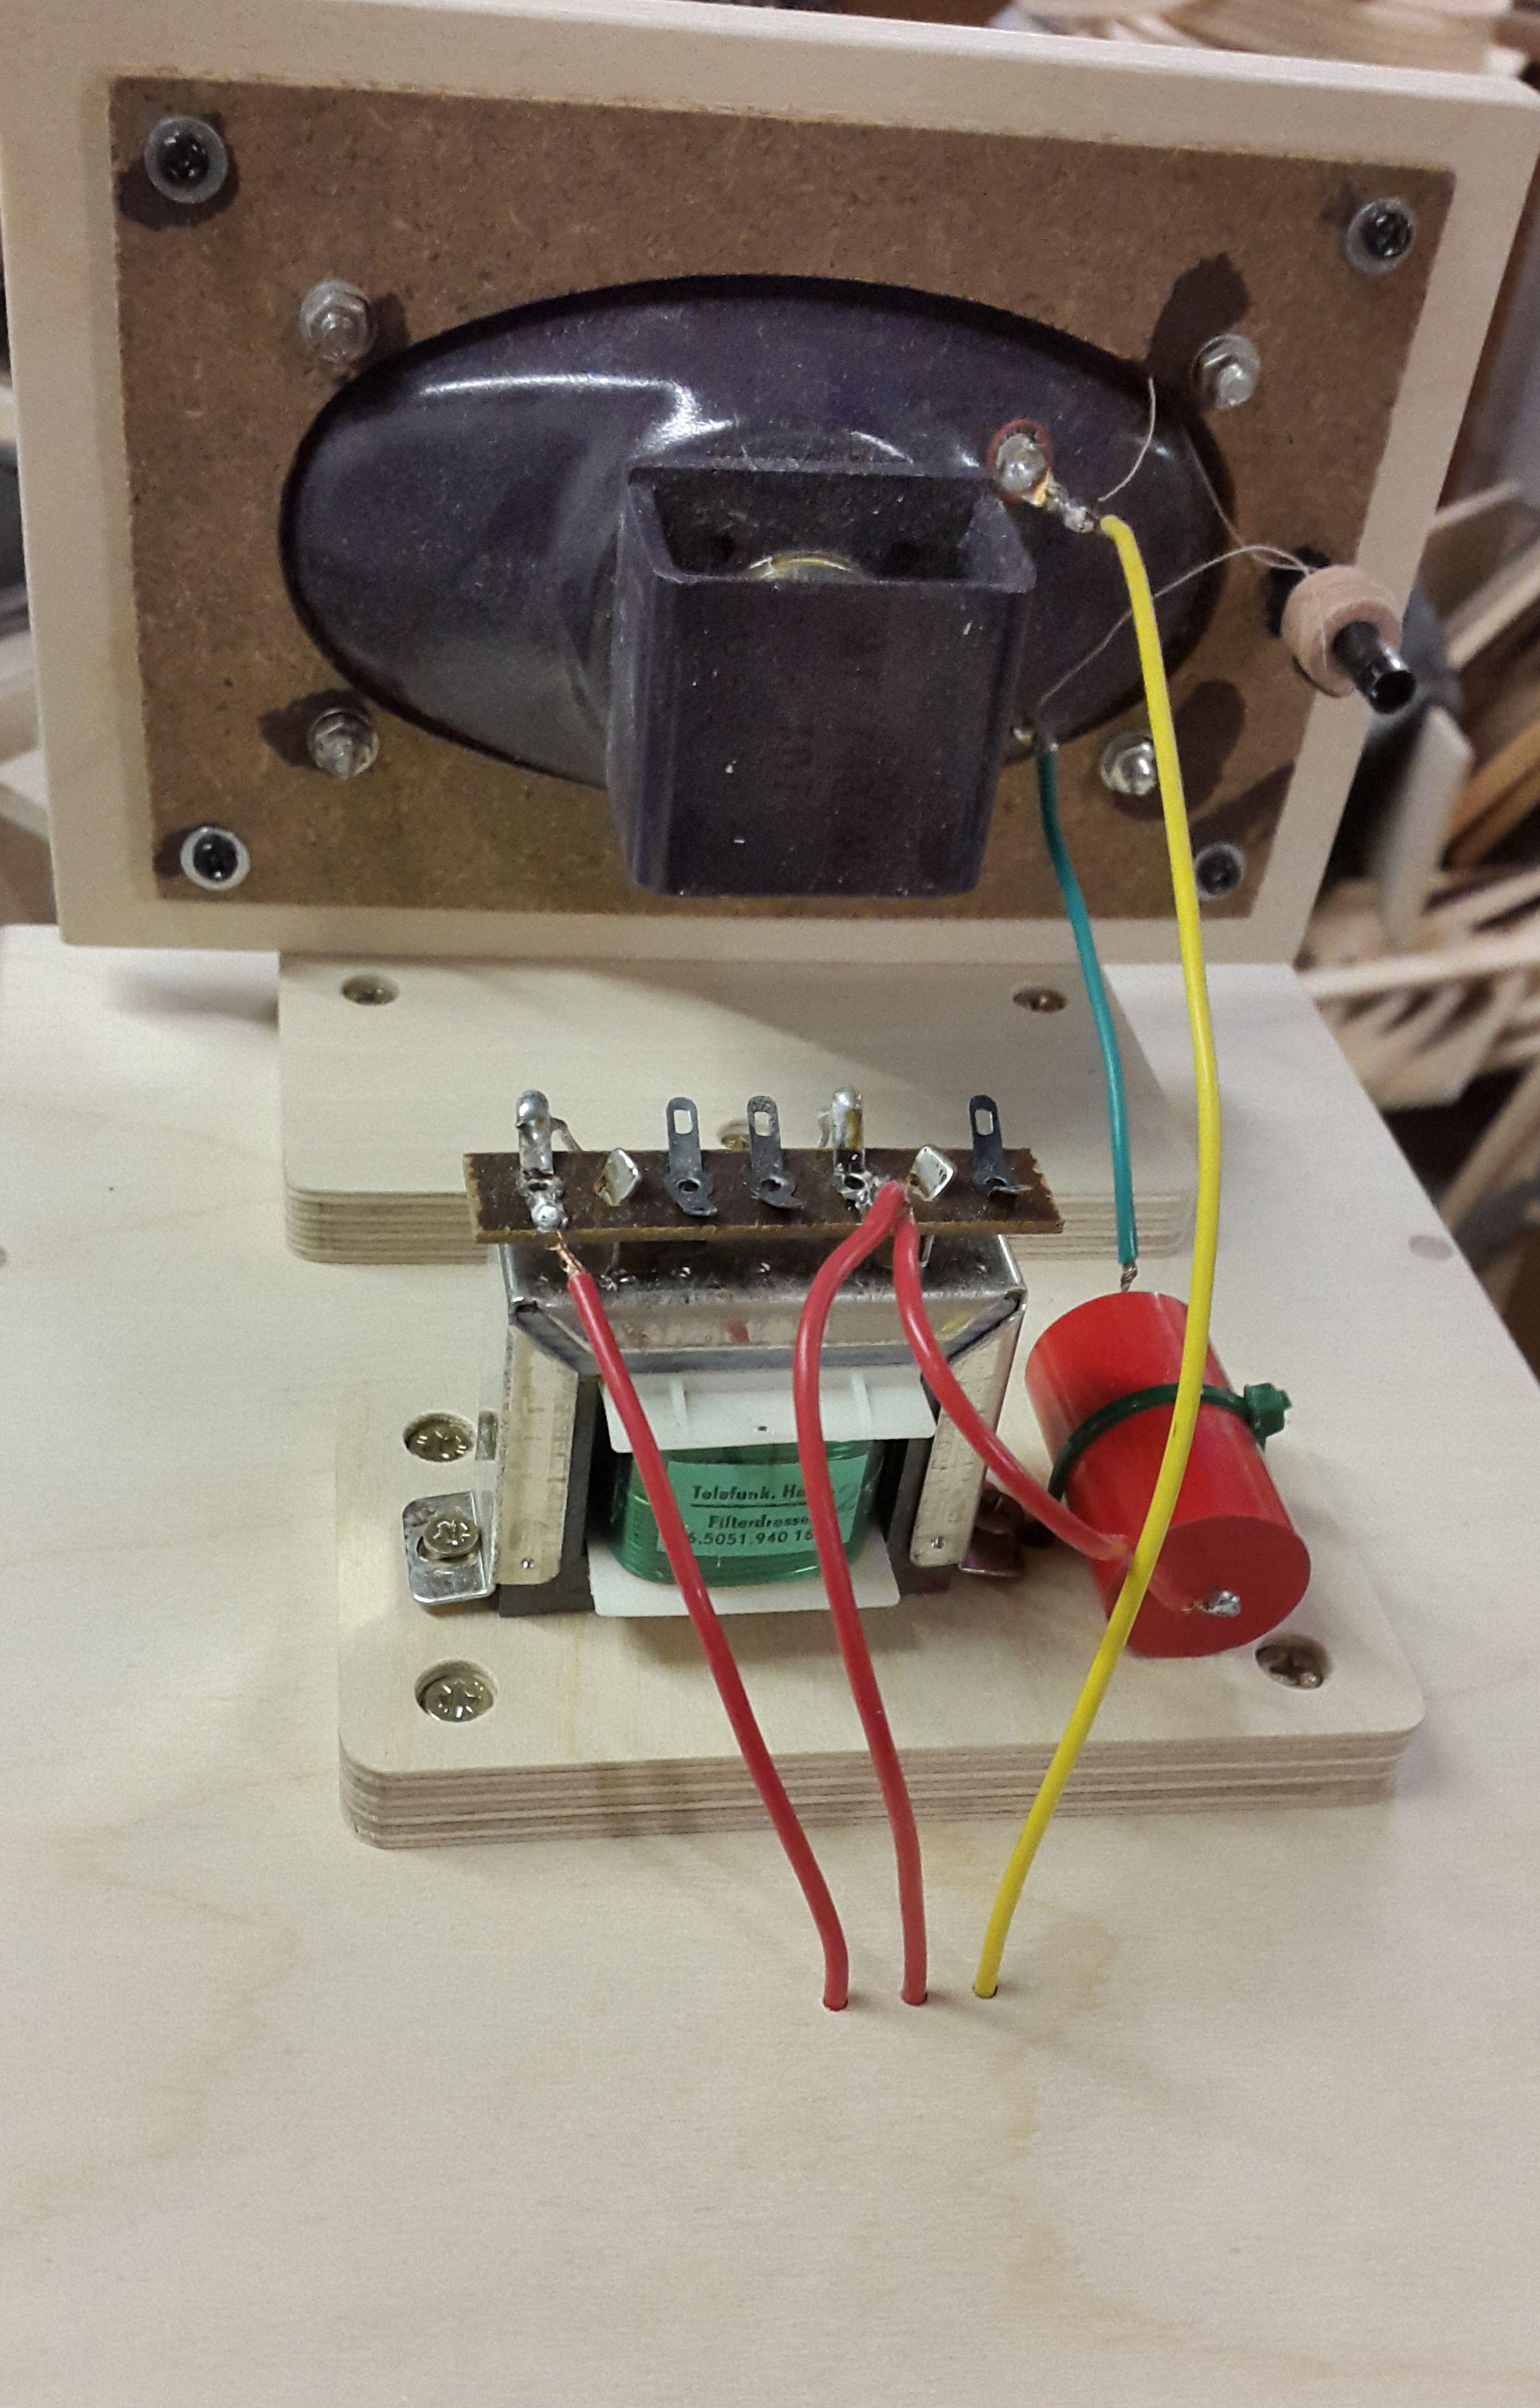 medium resolution of telefunky telefunken inductor metalised polypropylene film capacitor wire wound resistor